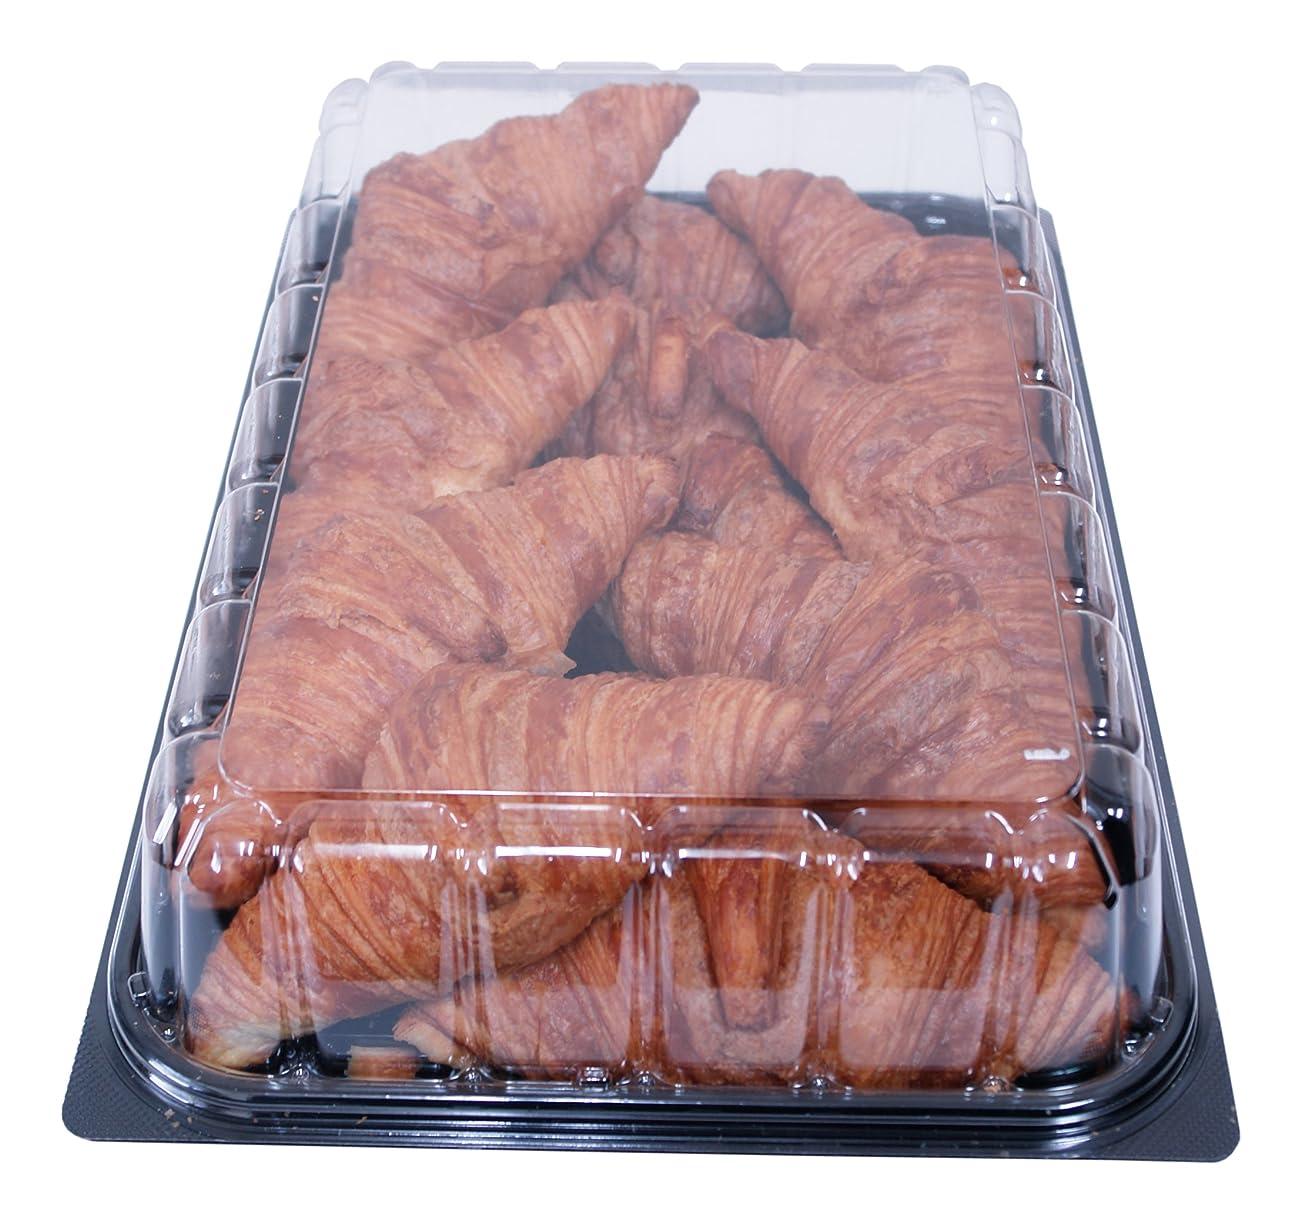 通り背の高い渦ミニ パン オ ショコラ ミニ チョコ クロワッサン 24個セット コストコベーカリー